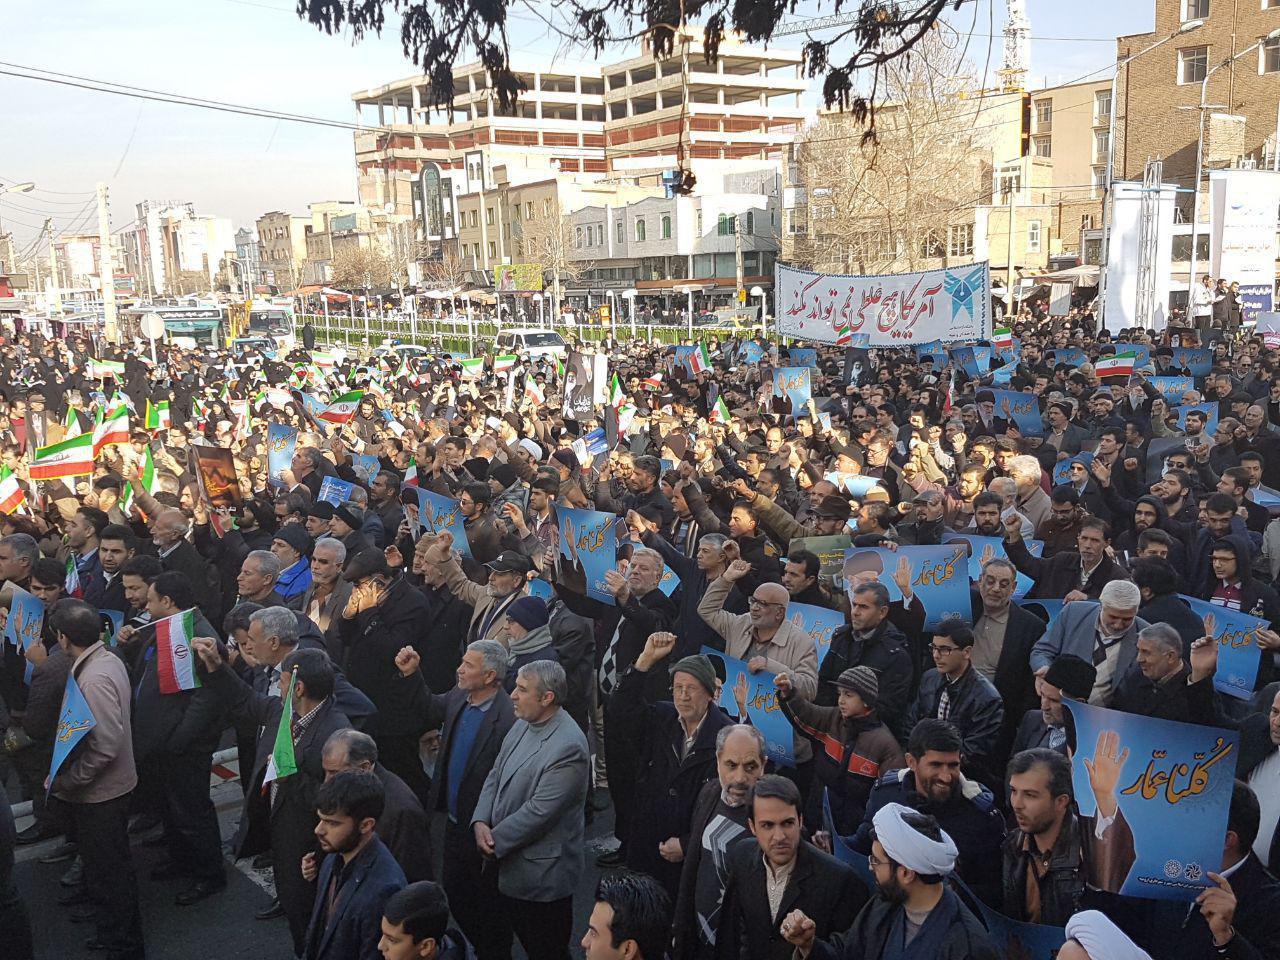 لحظهبهلحظه با قیام سراسری مردم/ ایرانیها آشوبگران آمریکایی-سعودی را به زبالهدان تاریخ فرستادند